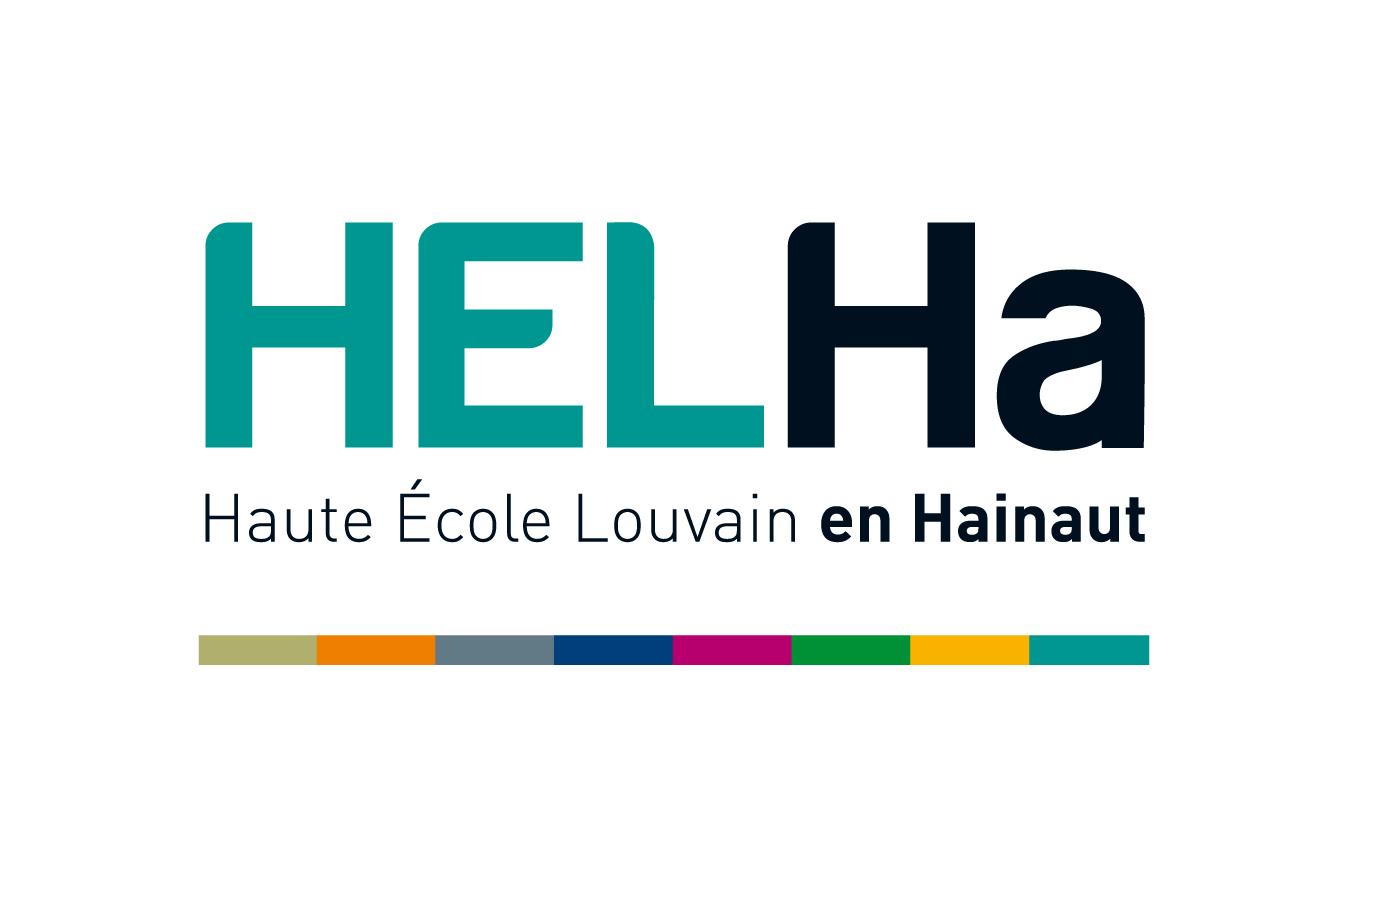 logo rencontre Châteauroux